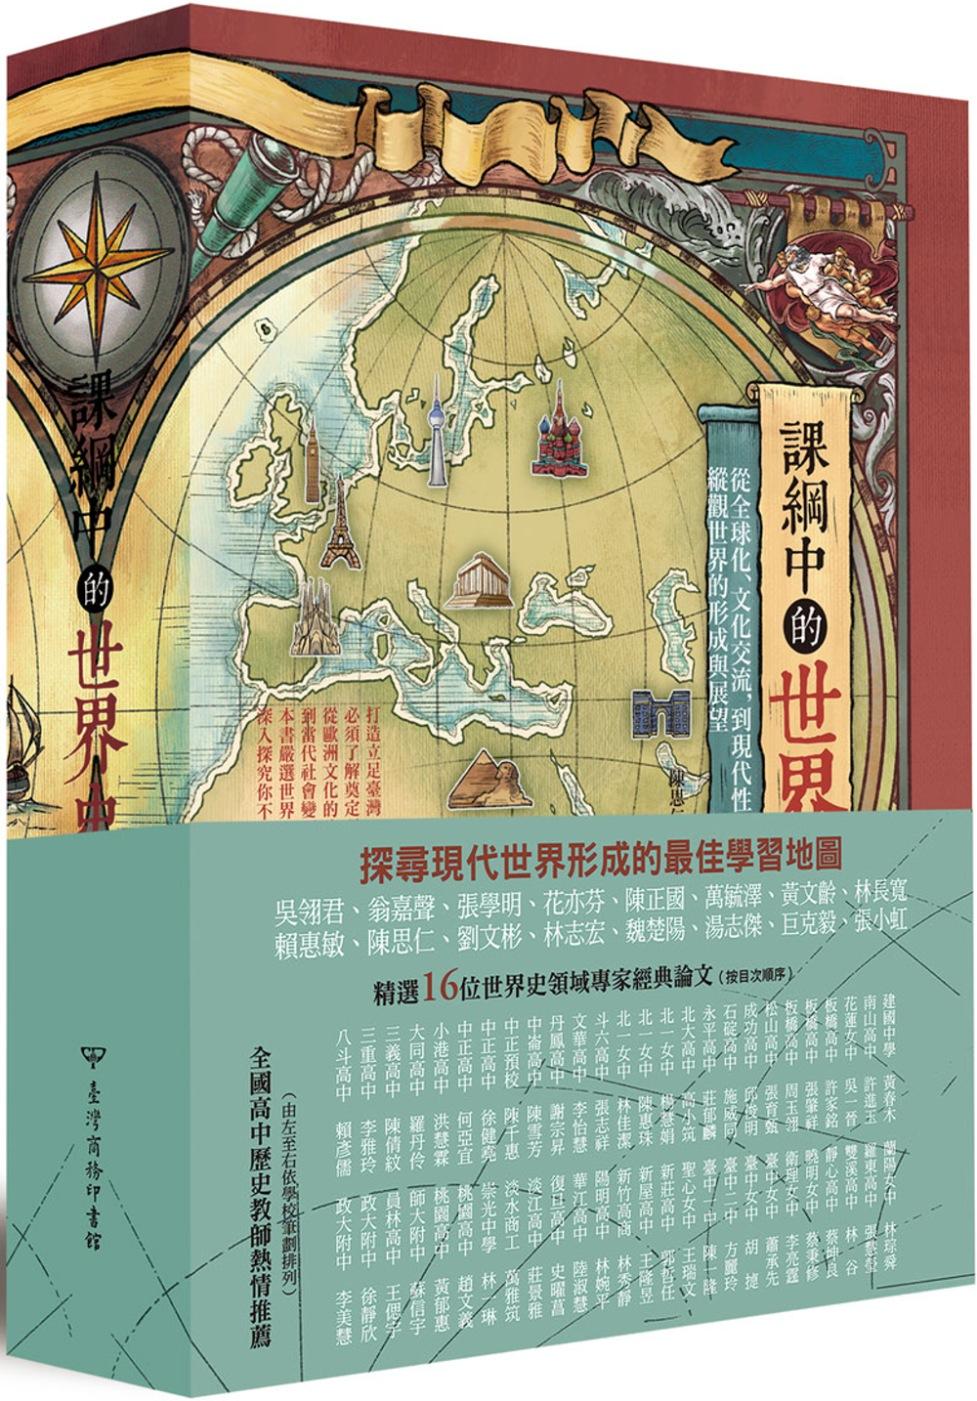 課綱中的世界史:從全球化、文化...